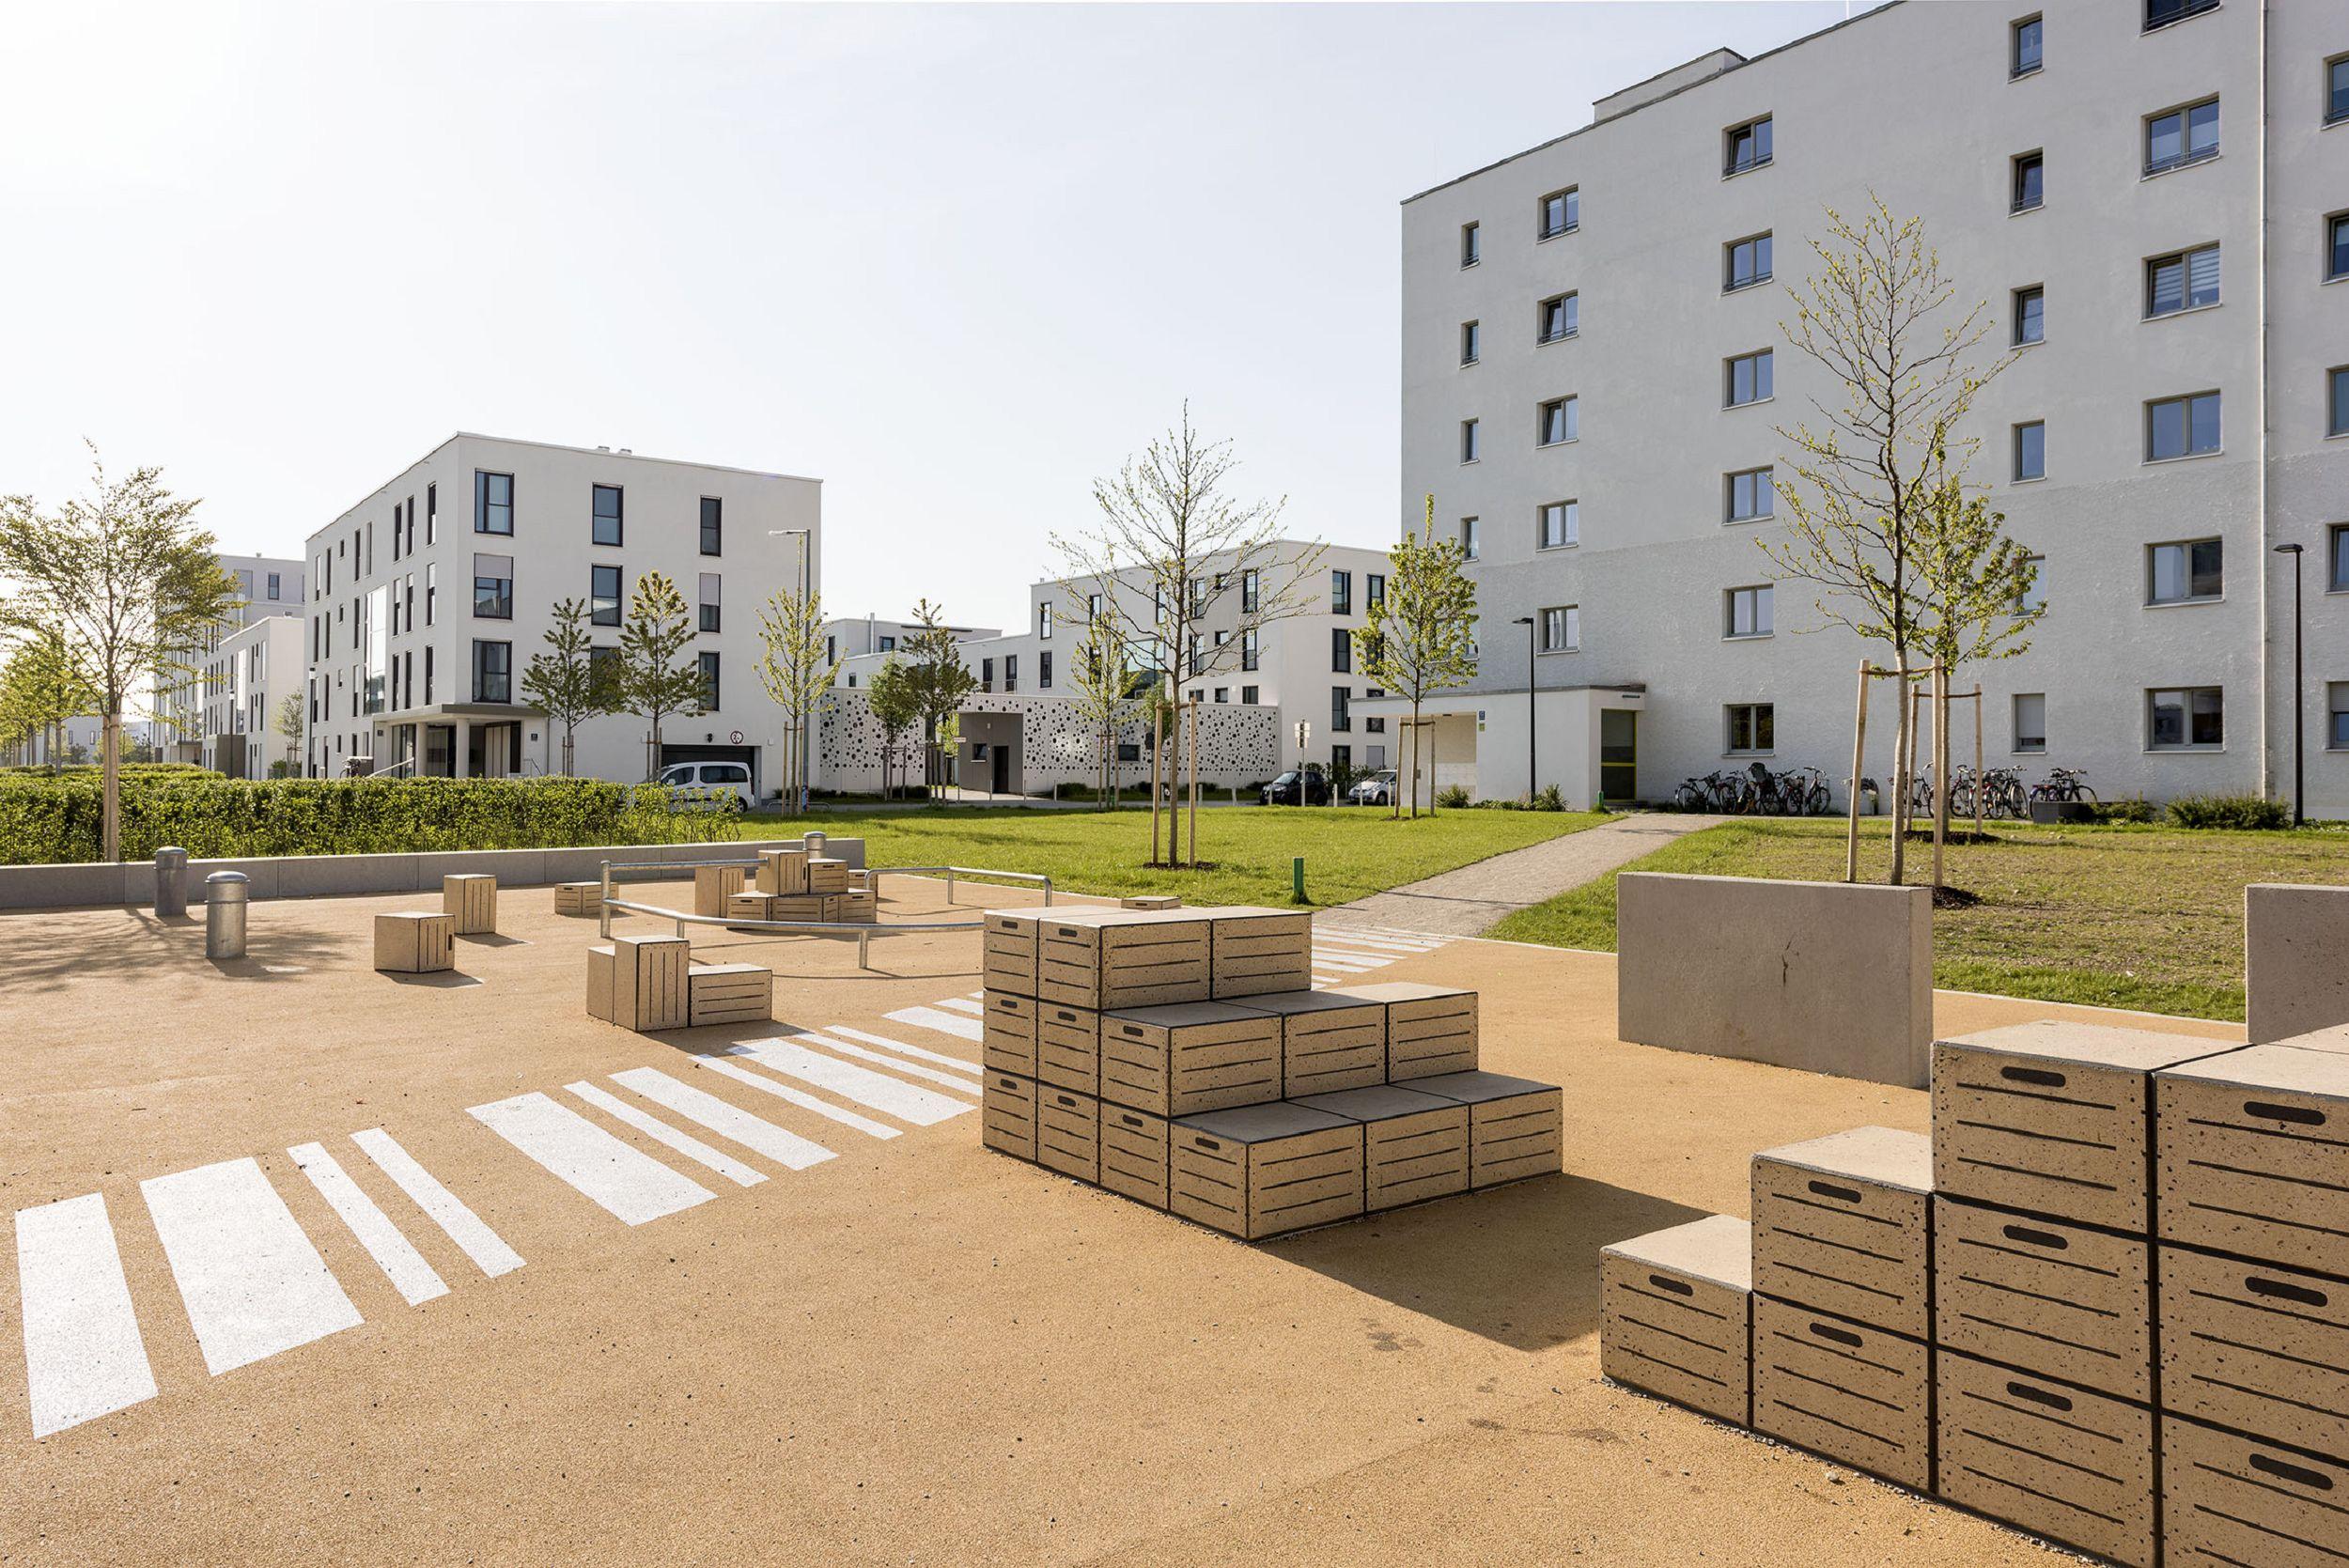 Bild: Parkouranlage im öffentlichen Grün an der Hochäckerstraße München, Foto: Johann Hinrichs Photography